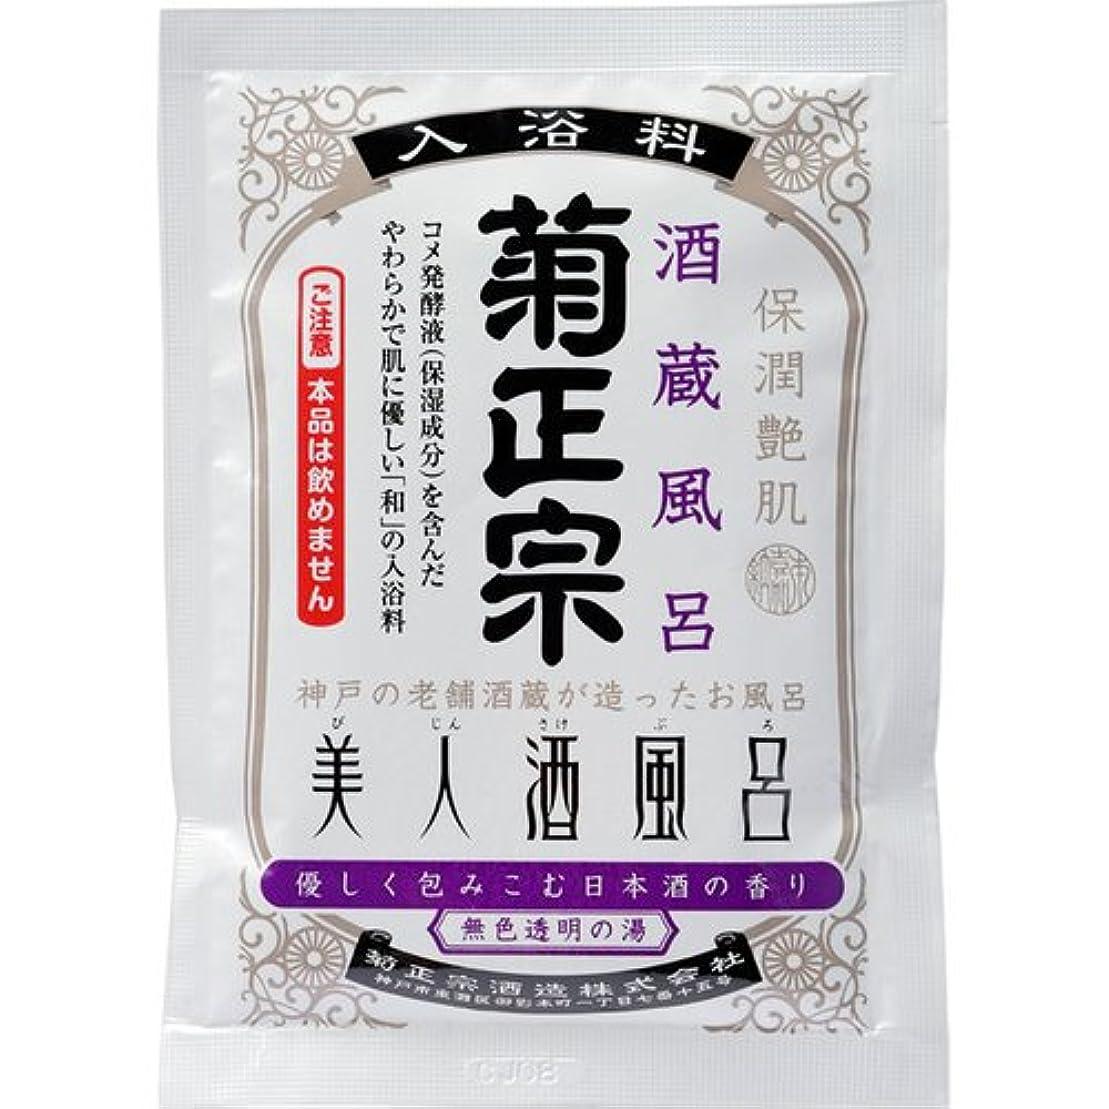 間違い暗殺累積美人酒風呂 酒蔵風呂 優しく包みこむ日本酒の香り 60mL